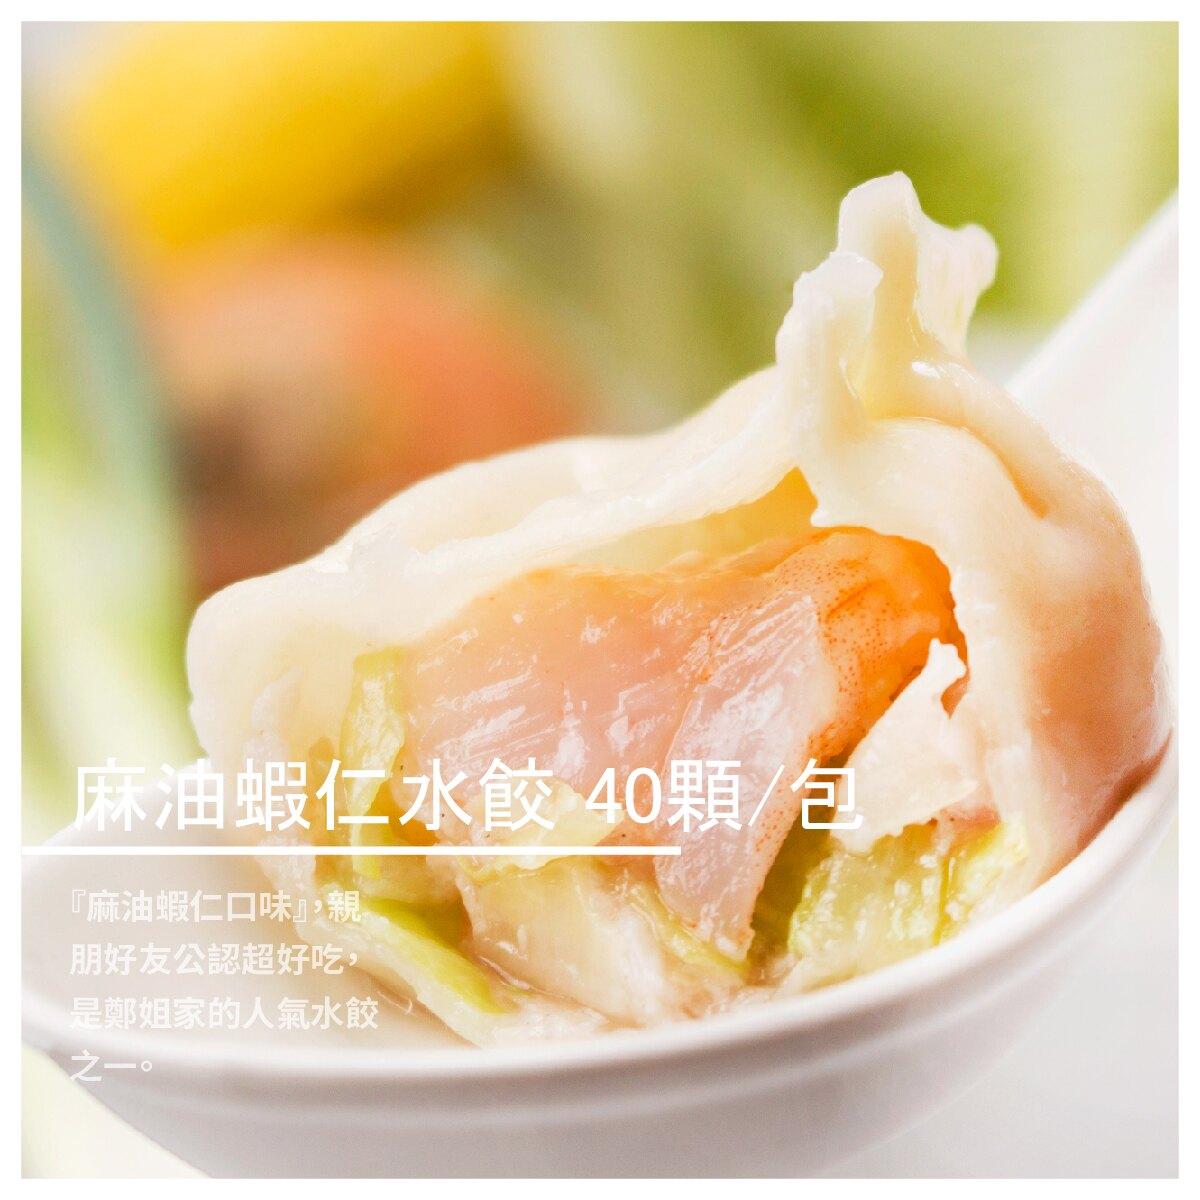 【鄭姐手工私房水餃】麻油蝦仁水餃 40顆/包